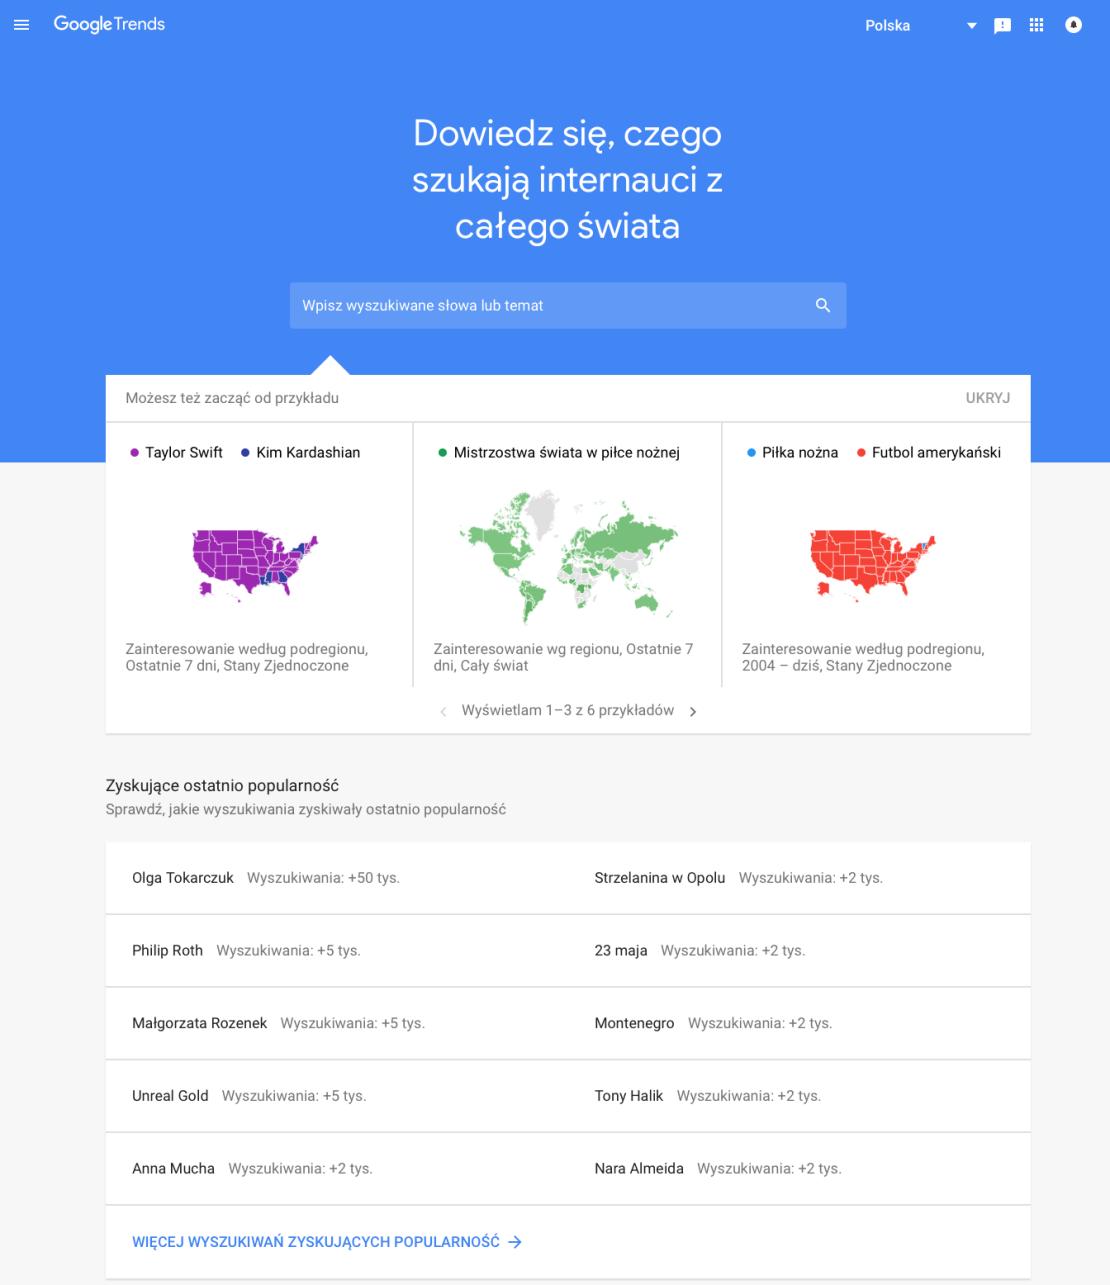 Zrzut ekranu nowego interfejsu serwisu Google Trends